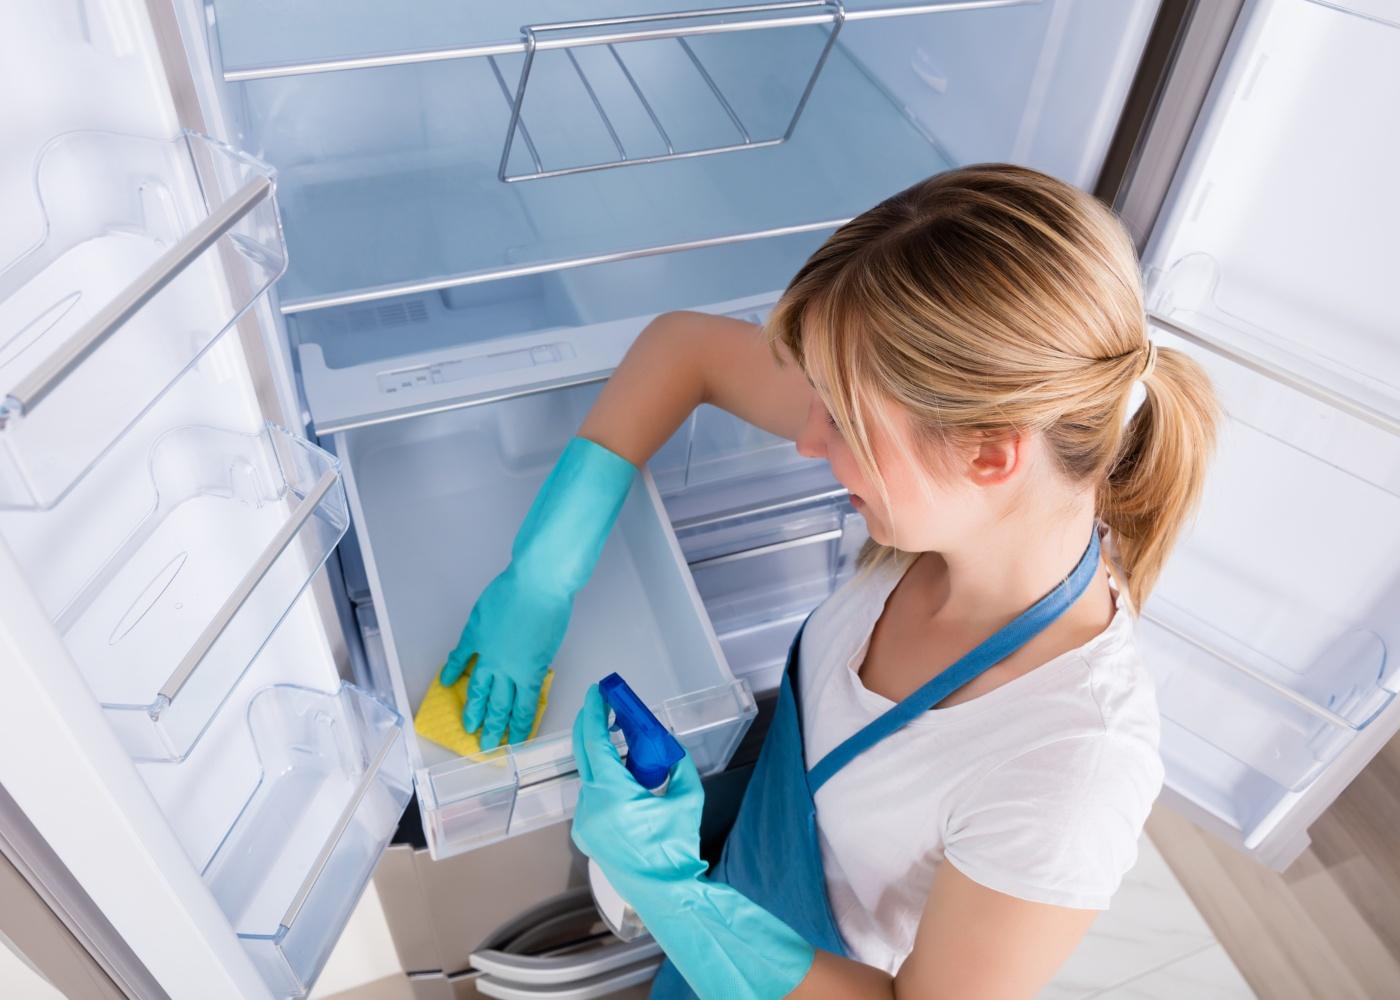 como deve limpar o frigorífico